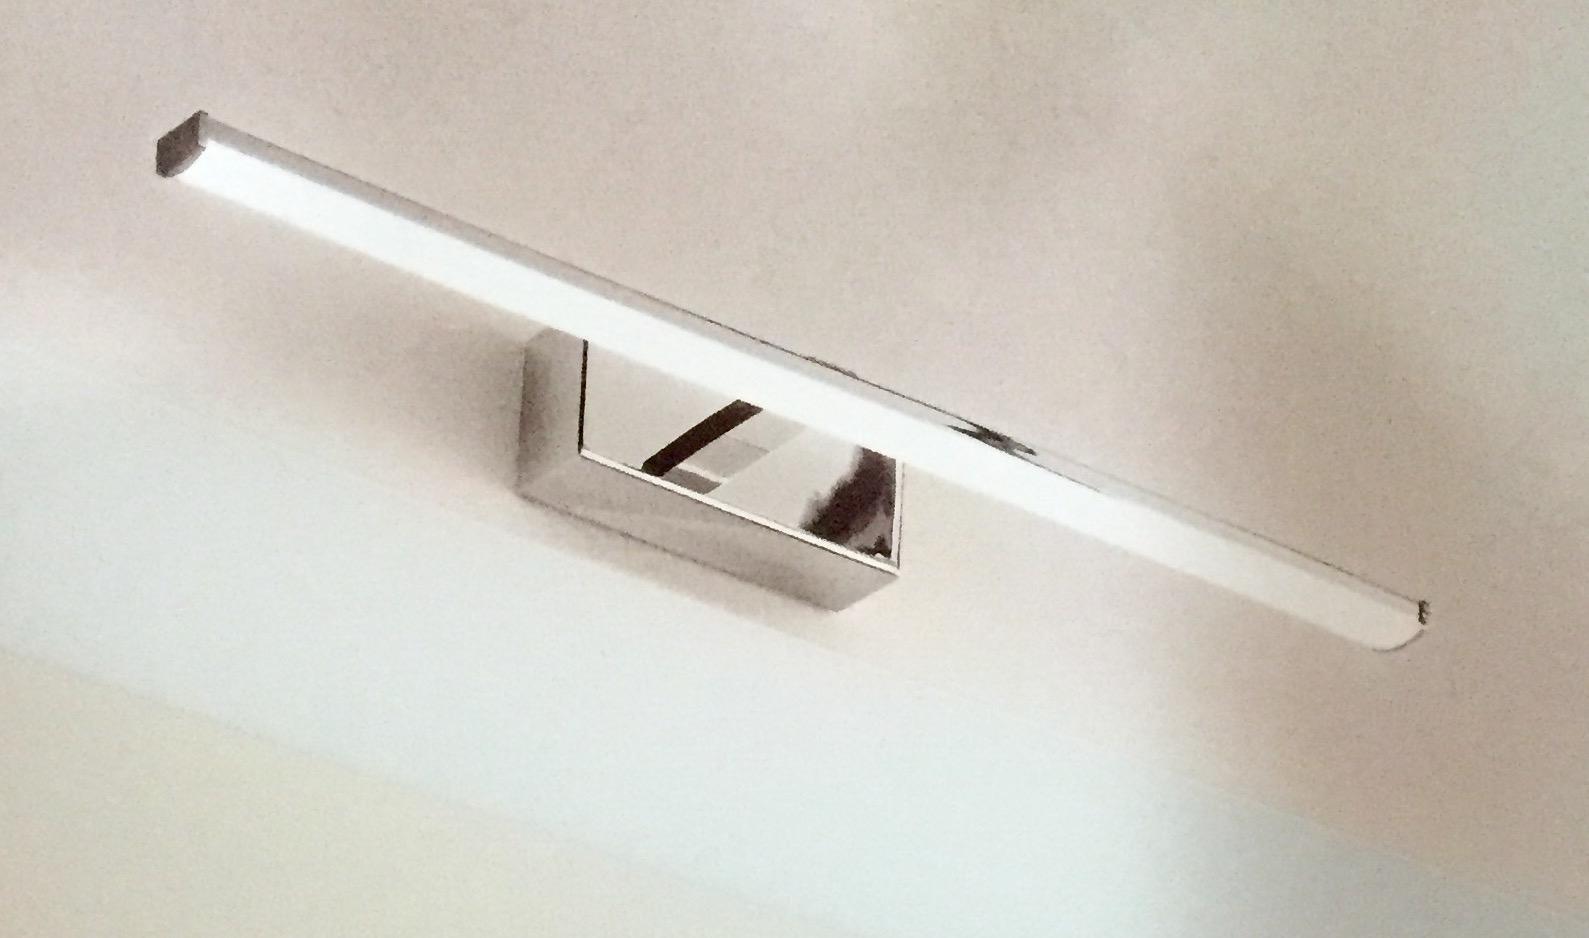 illuminazione fabas luce nala 3361 21 138 metallo lampade da parete design illuminazione a